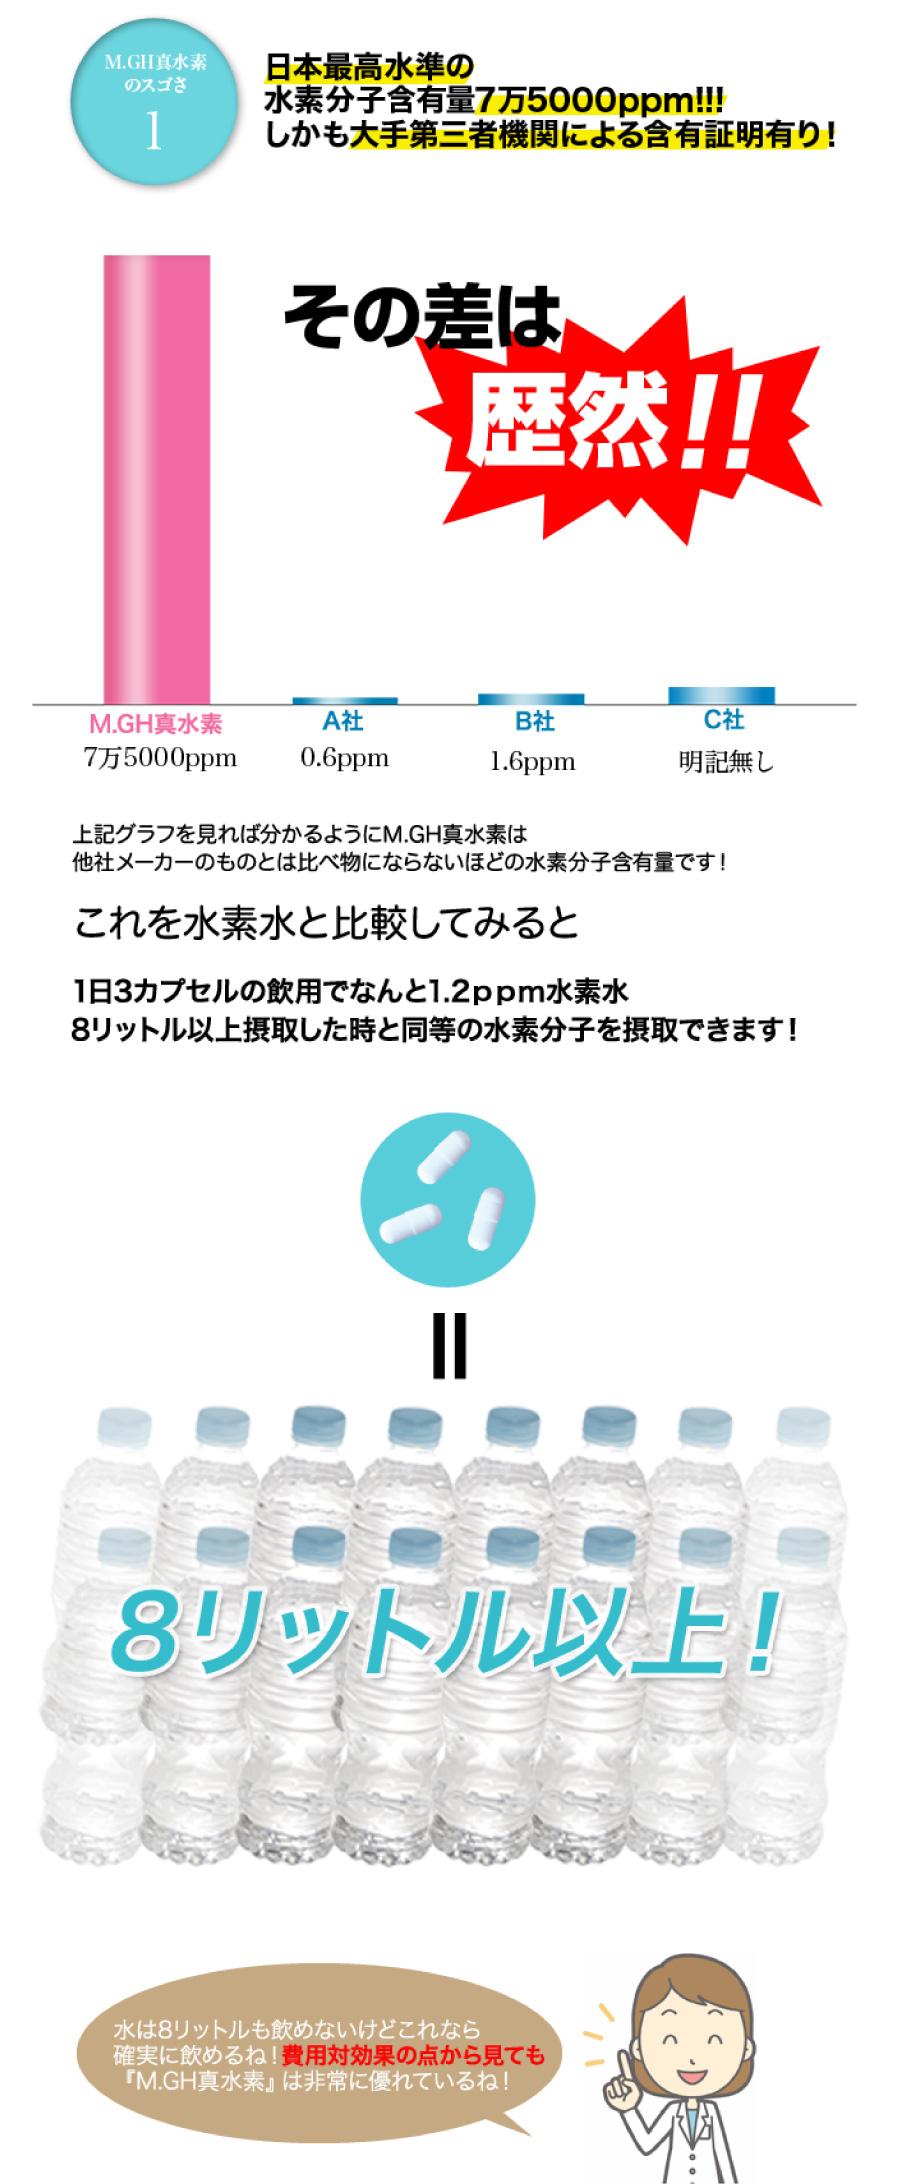 日本最高水準の水素分子含有量7万5000ppm!!!しかも大手第三者機関による含有証明あり!